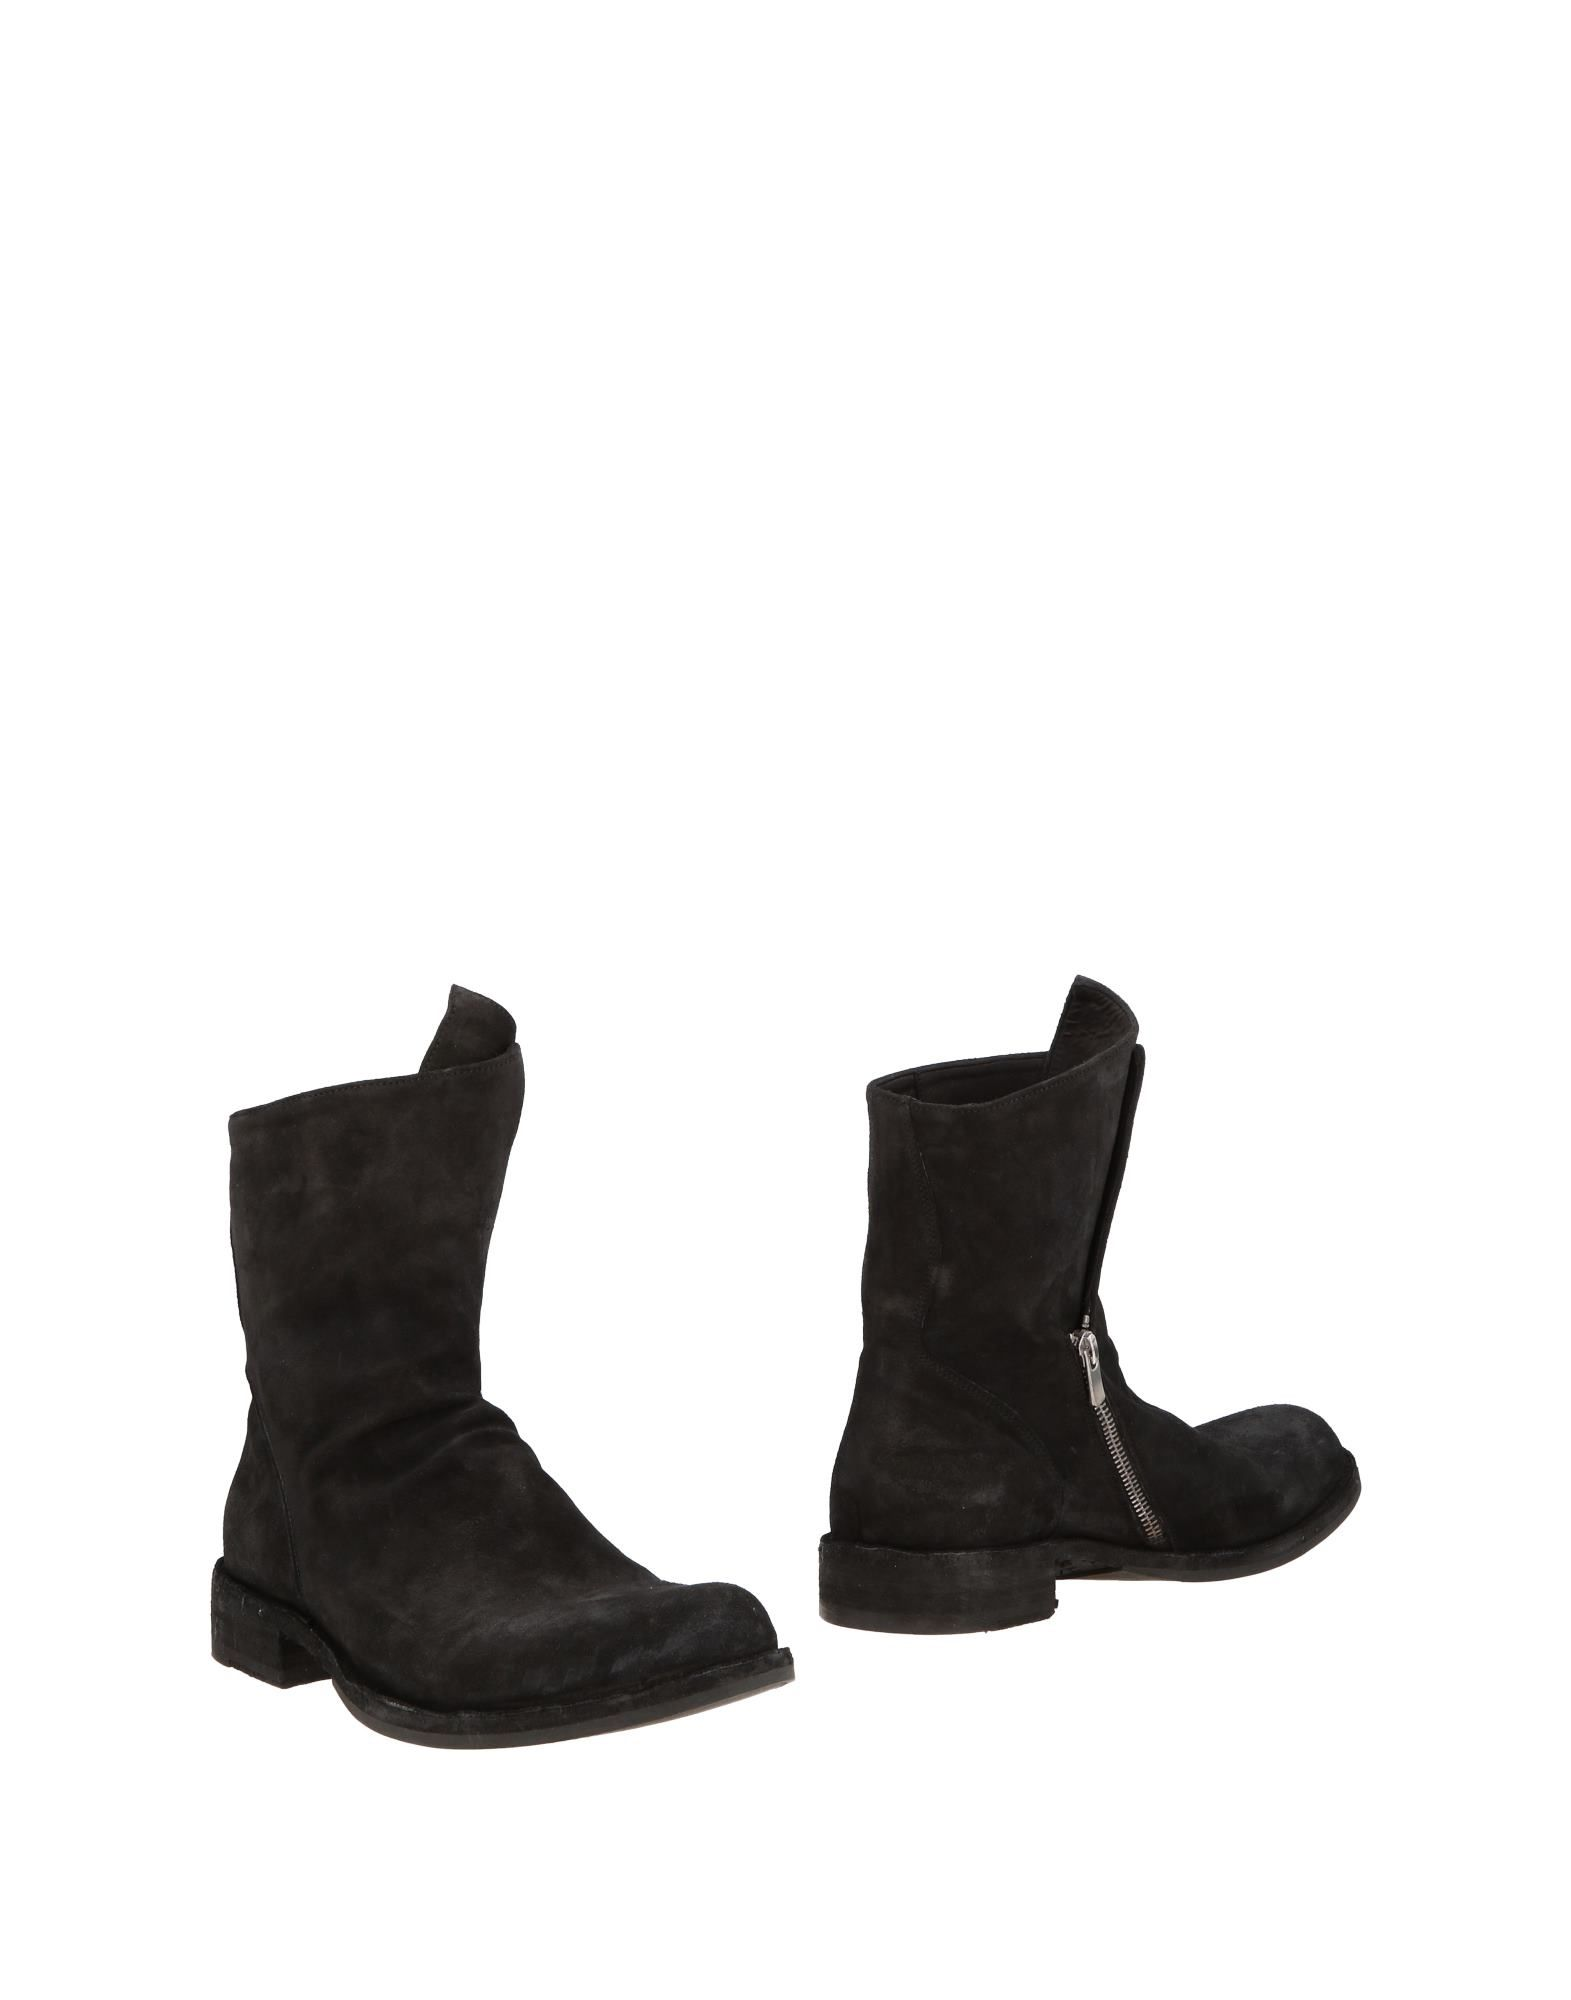 Officine Creative Italia Stiefelette Damen  11486594FTGünstige gut aussehende Schuhe